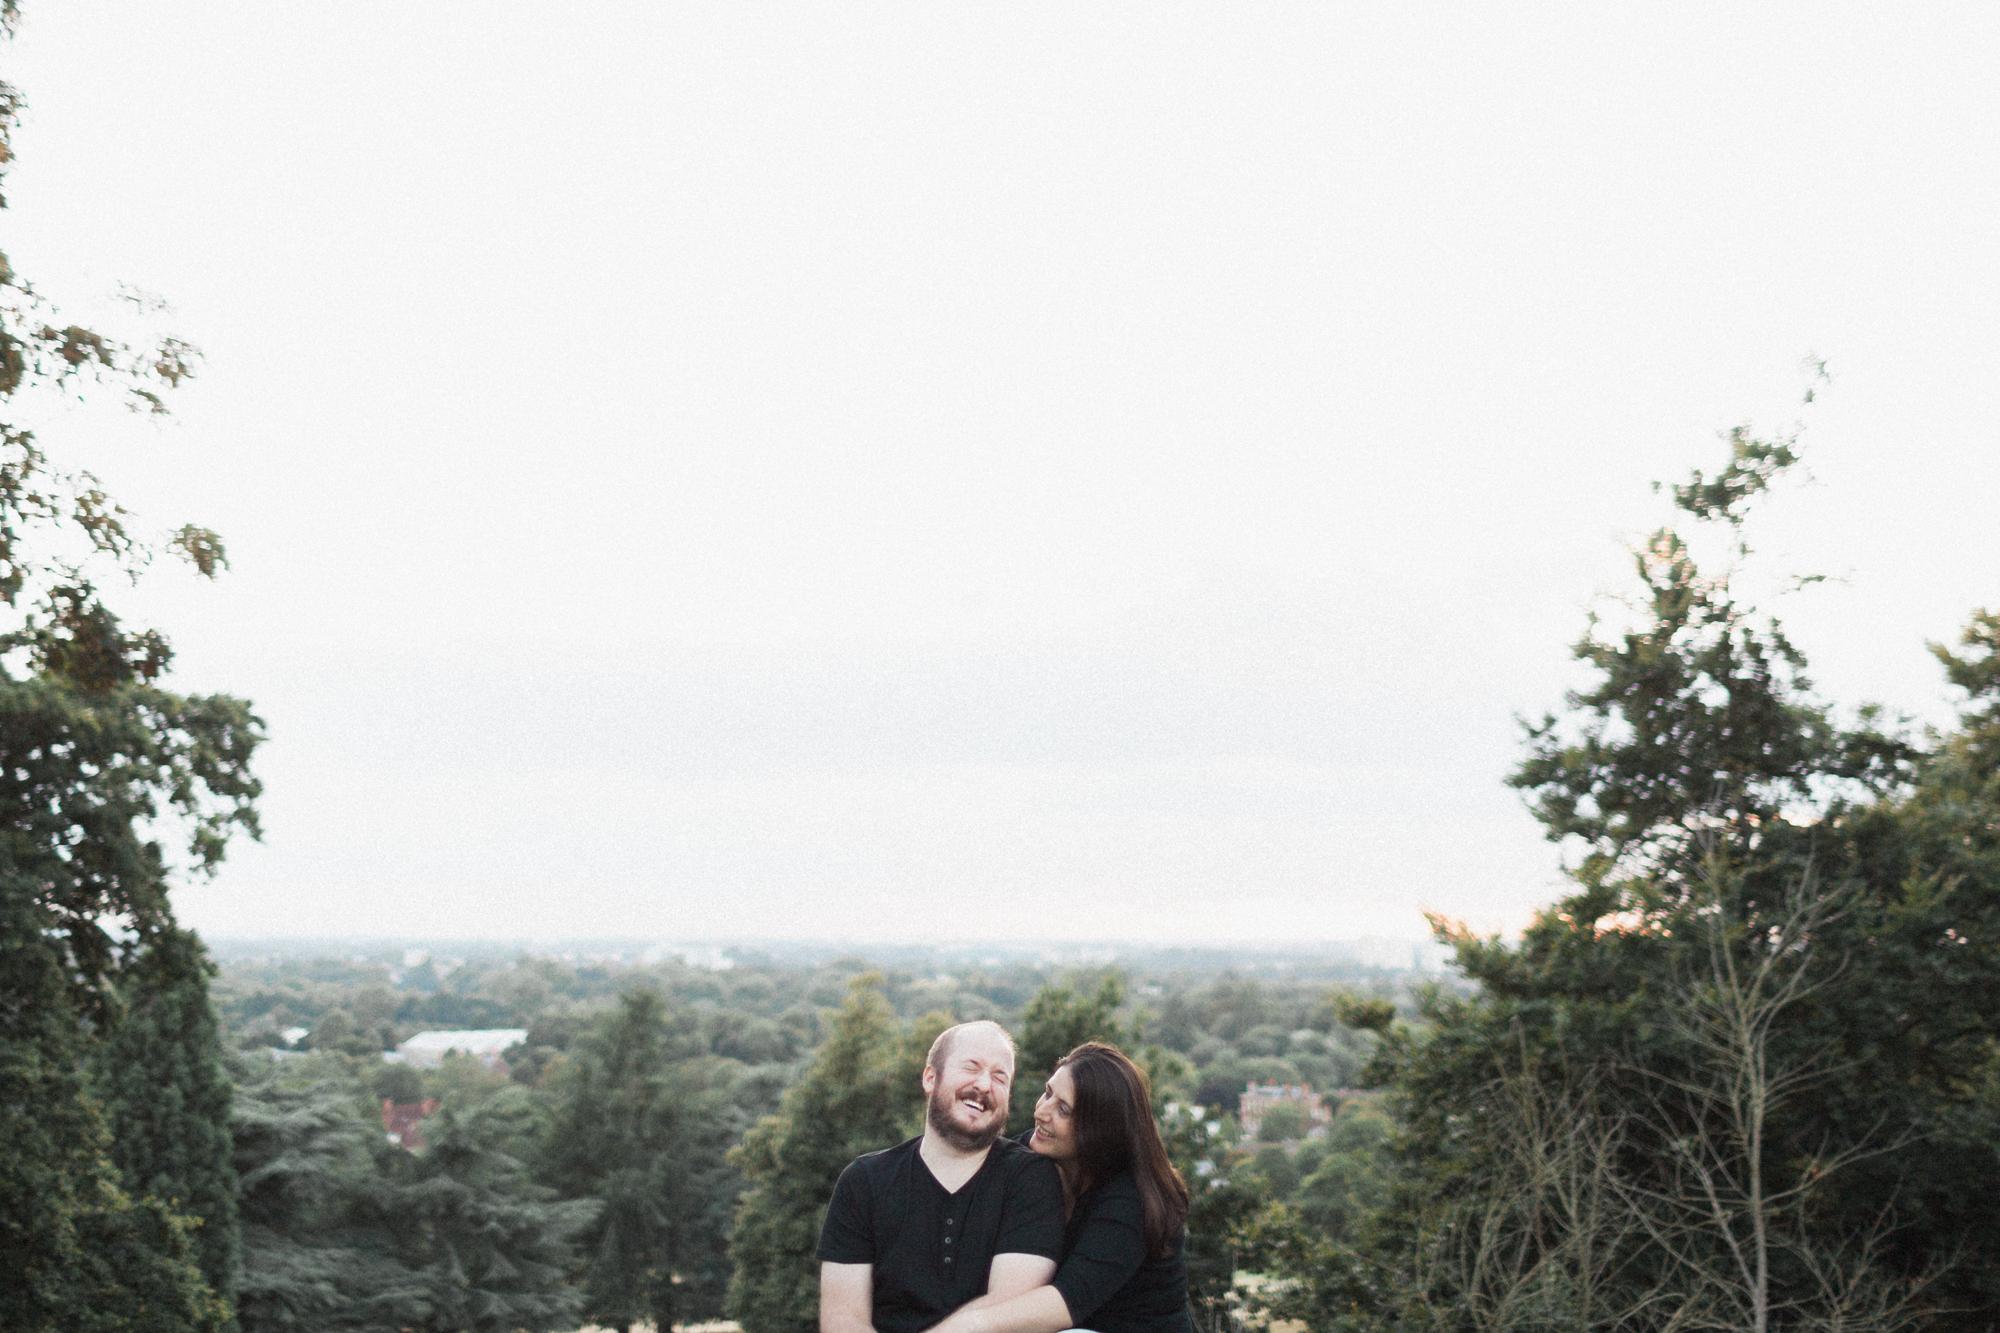 lovecandice-rob-stacey-richmond-park-1319.jpg